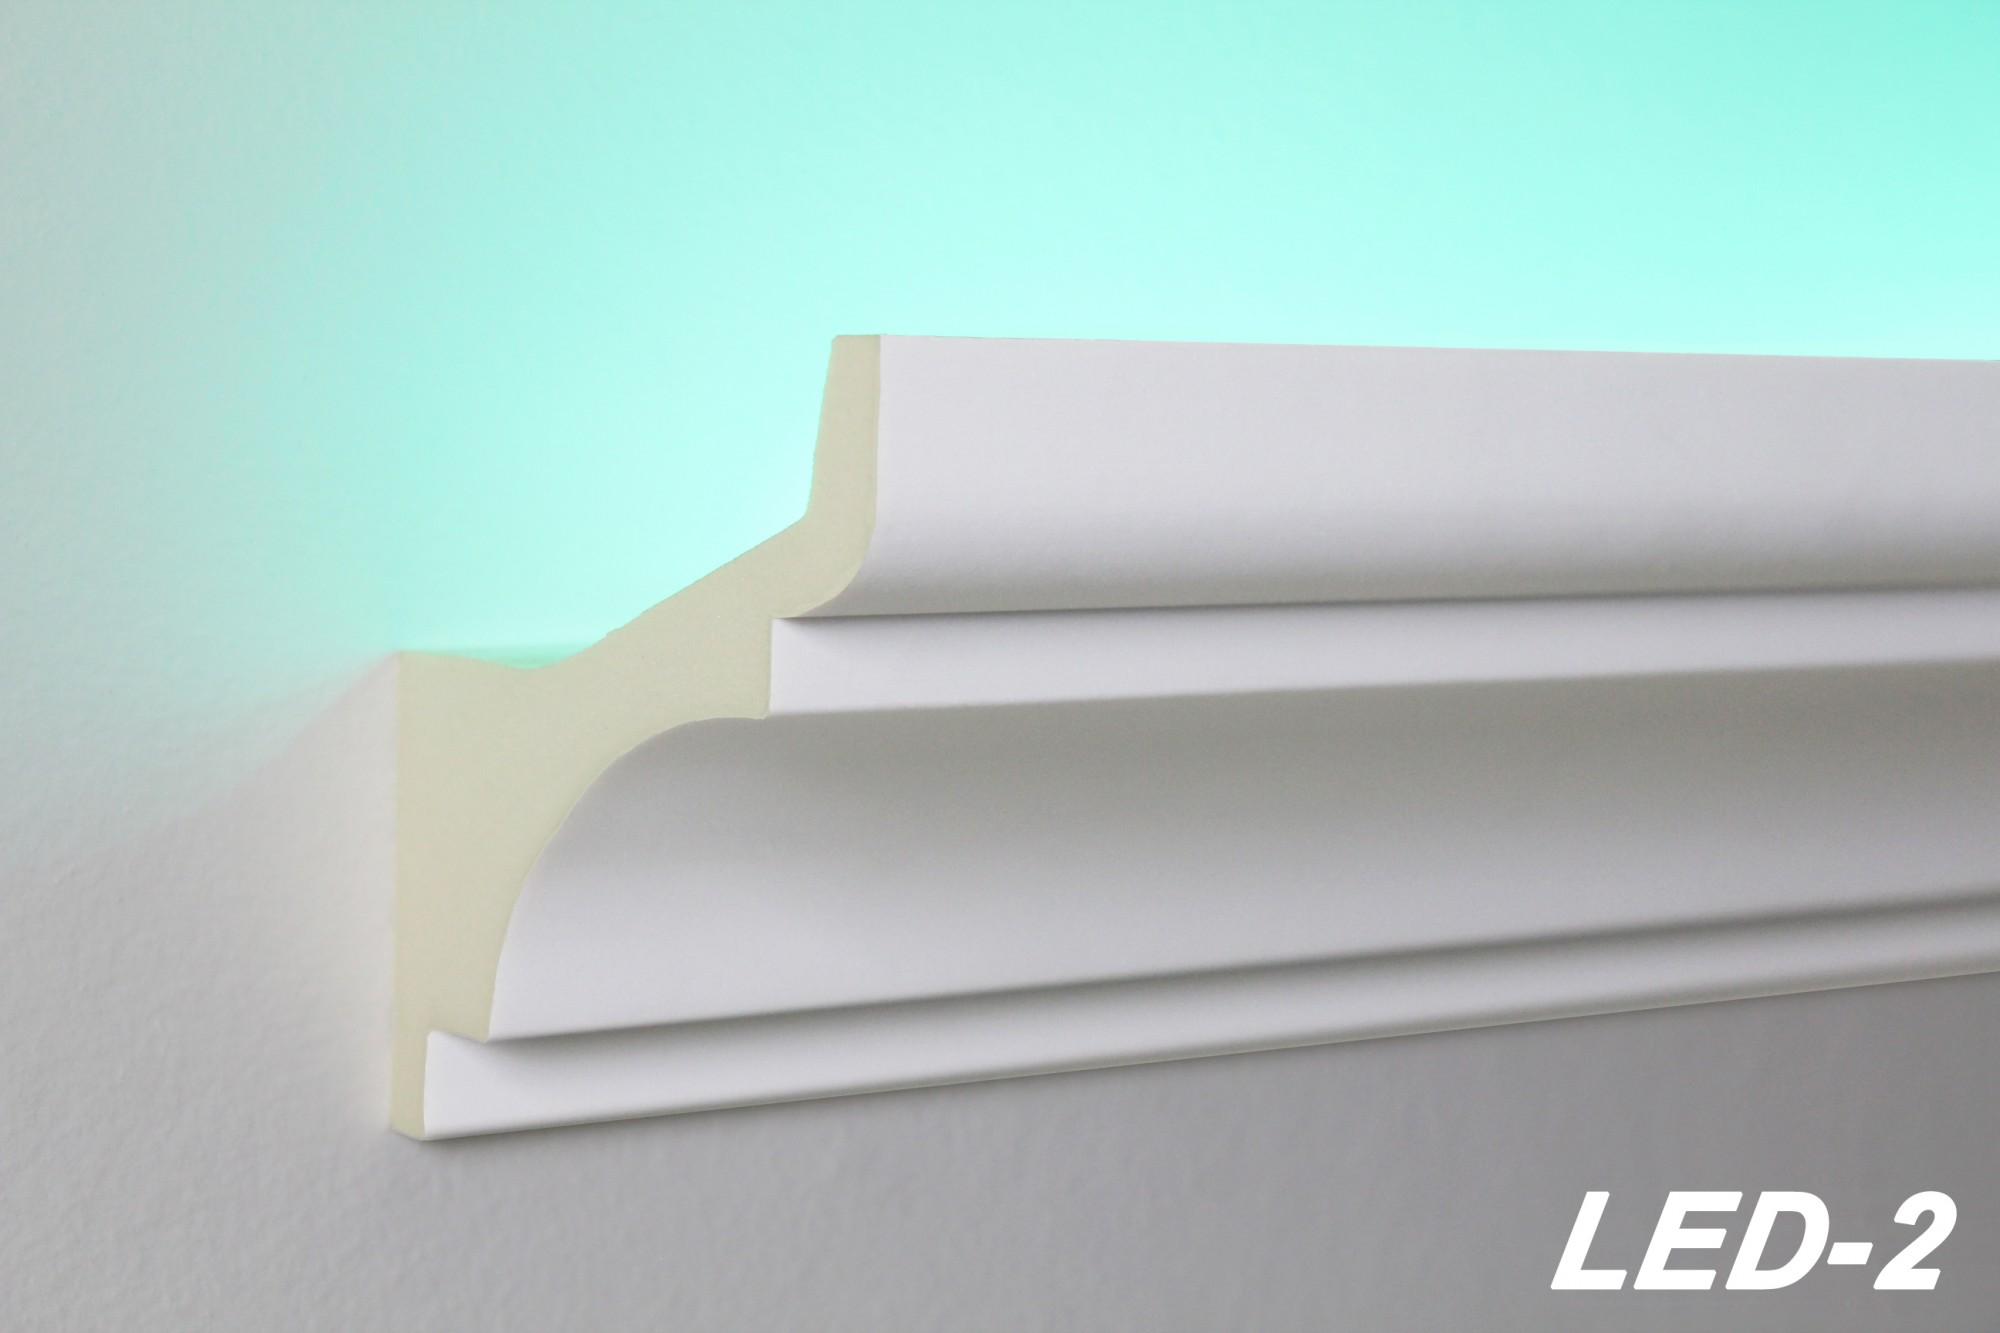 2 meter led profil pu stuckleiste indirekte beleuchtung sto fest 80x80 led 2 led stuckprofile. Black Bedroom Furniture Sets. Home Design Ideas